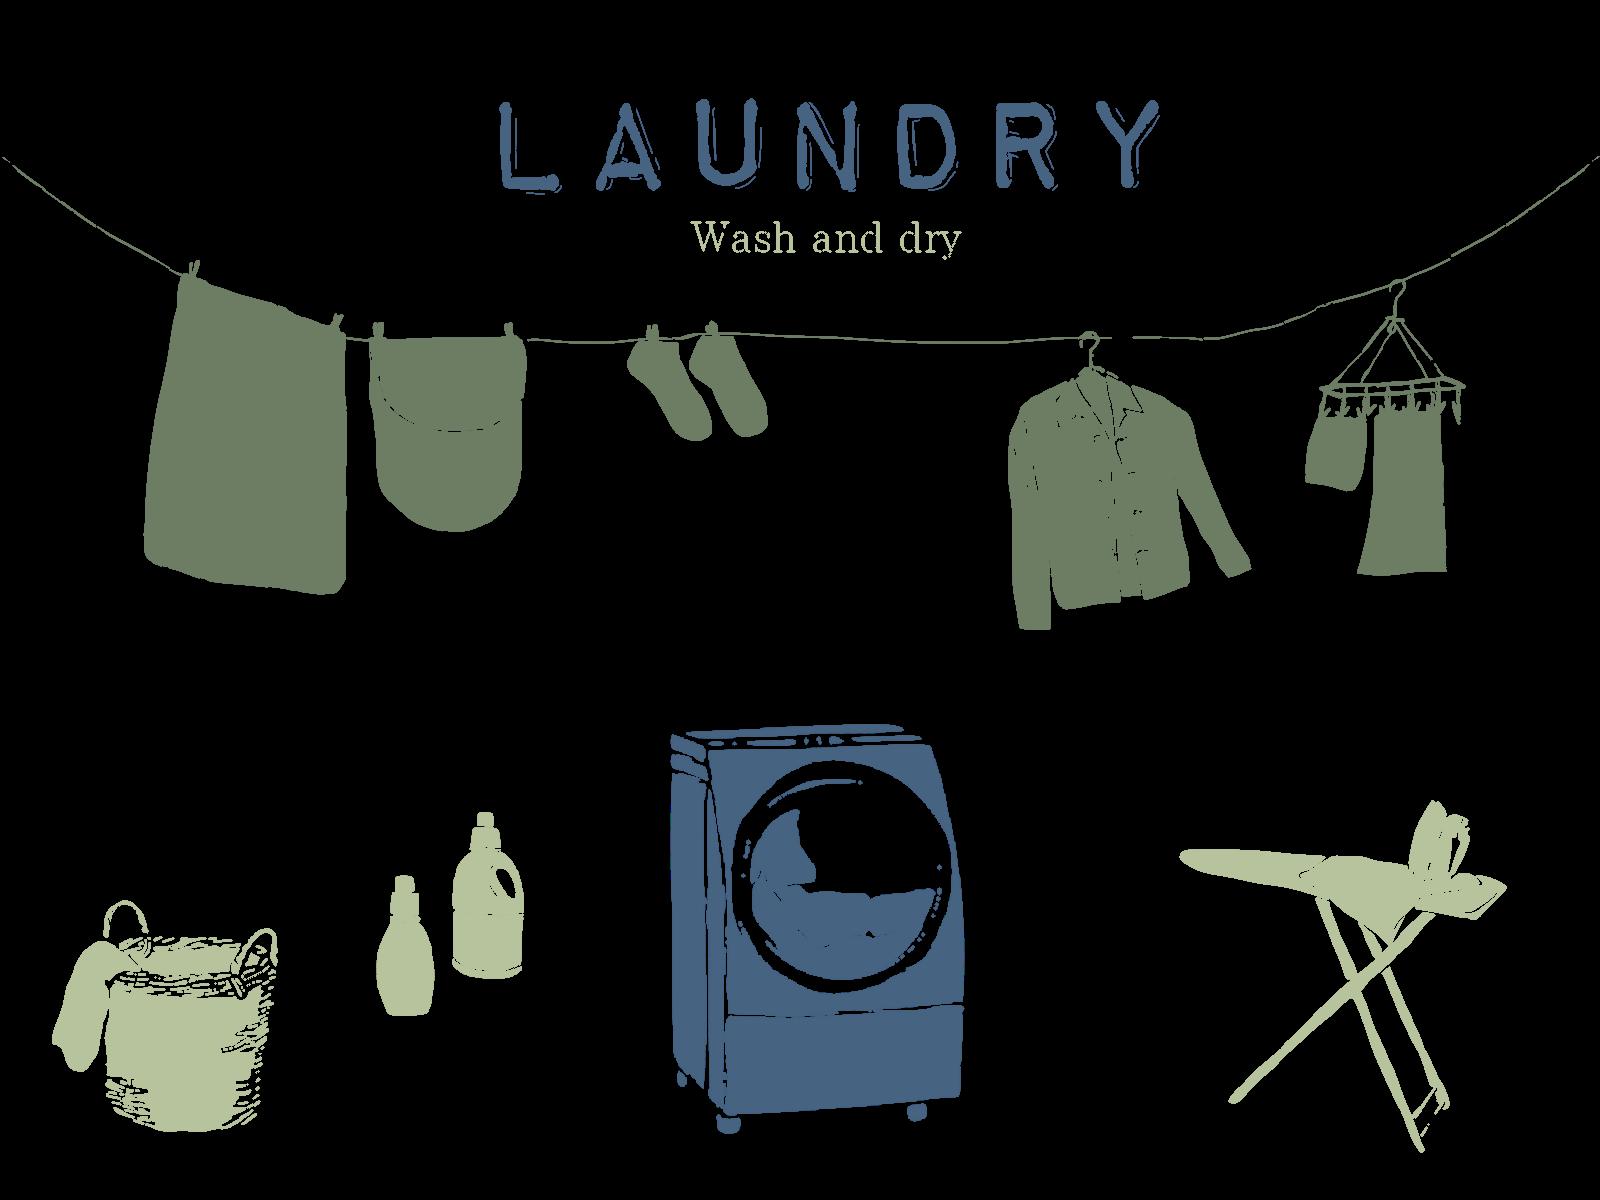 洗濯槽のお掃除に何を使ってますか?重曹、酸素系、クエン酸は使えるの?